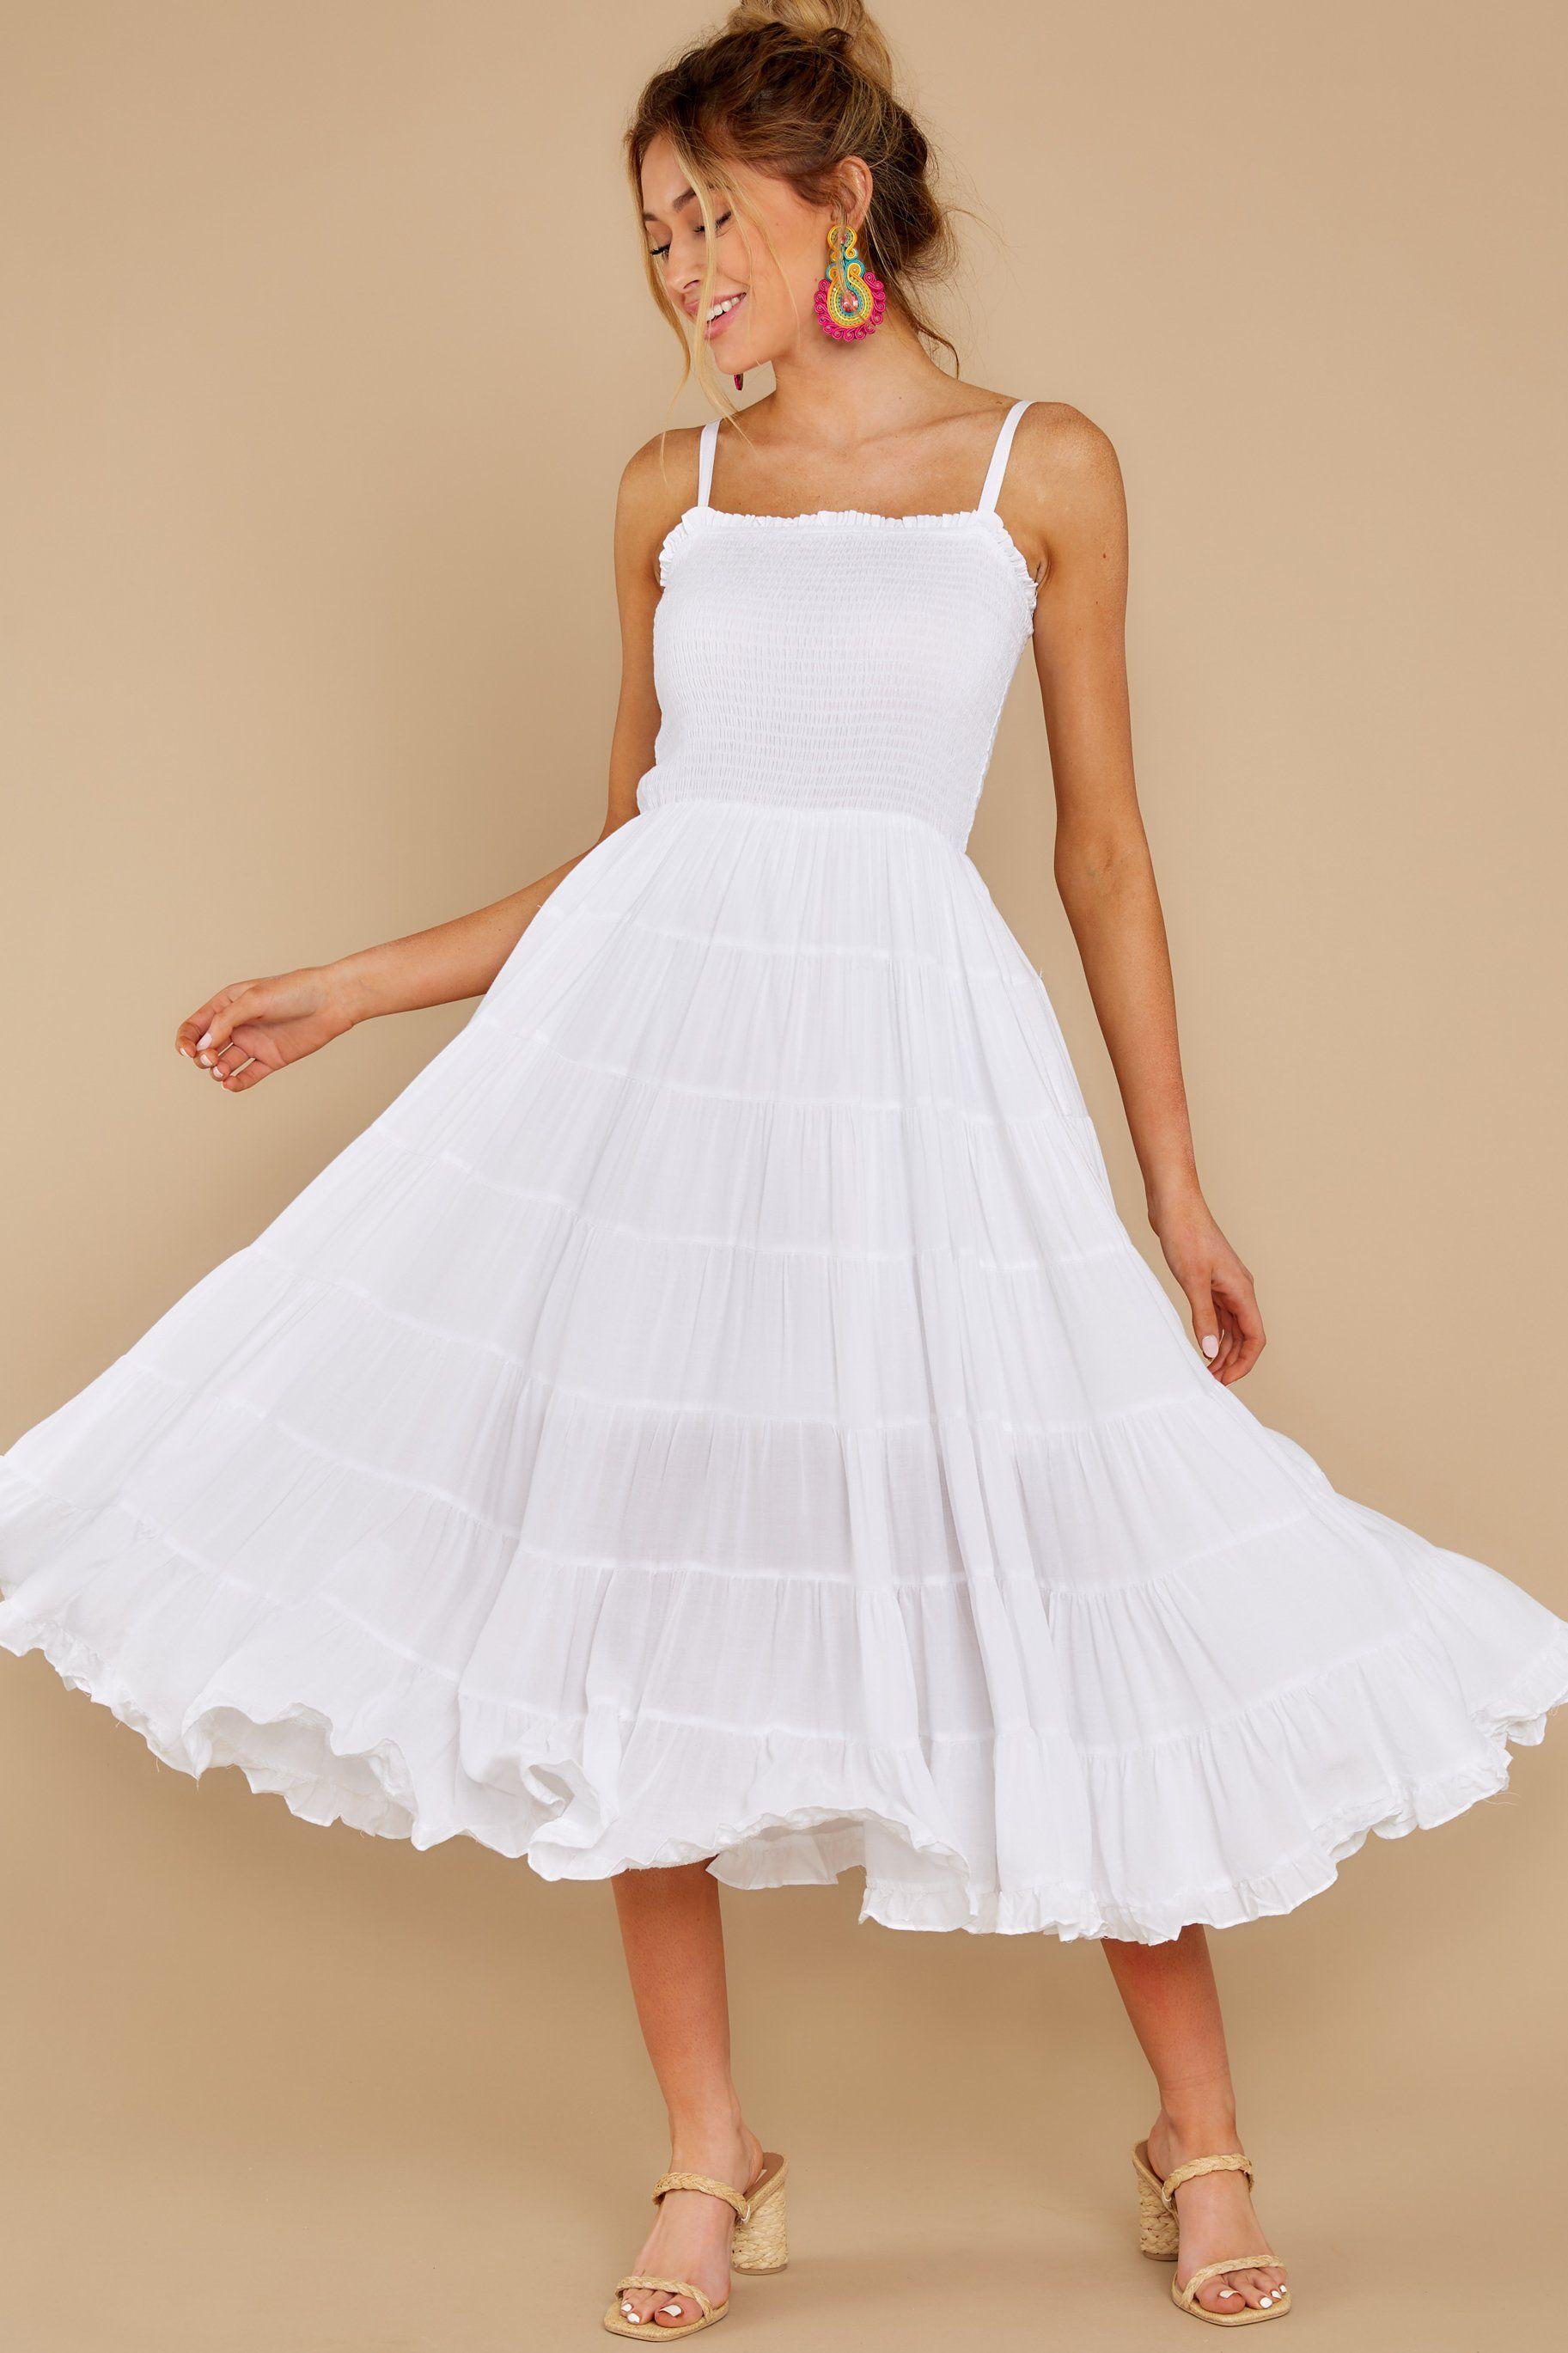 Something To Say White Midi Dress In 2020 White Midi Dress Red Midi Dress Midi Dress